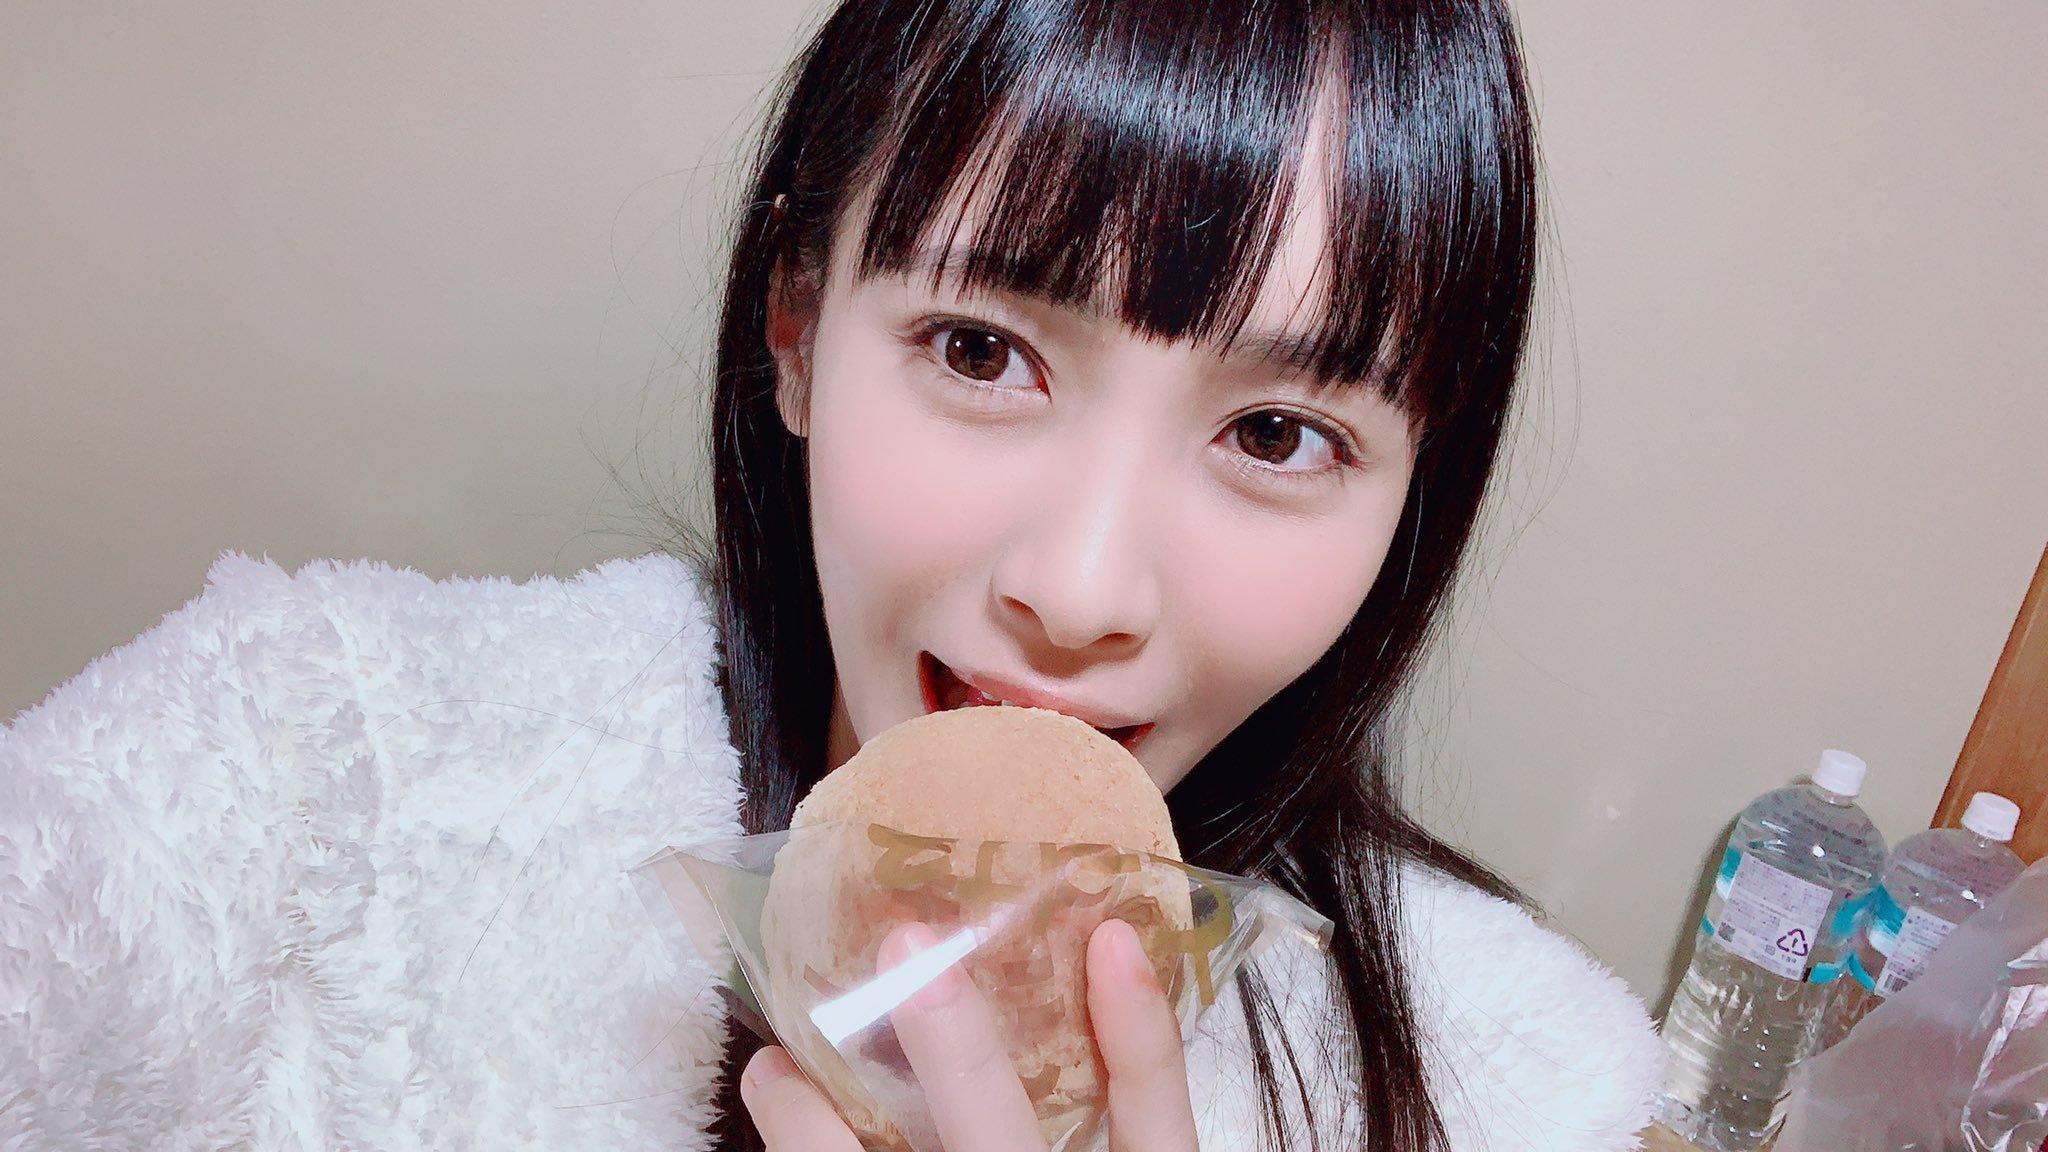 深田咏美再现魅魔 葵铃奈瘦小水着插图(4)